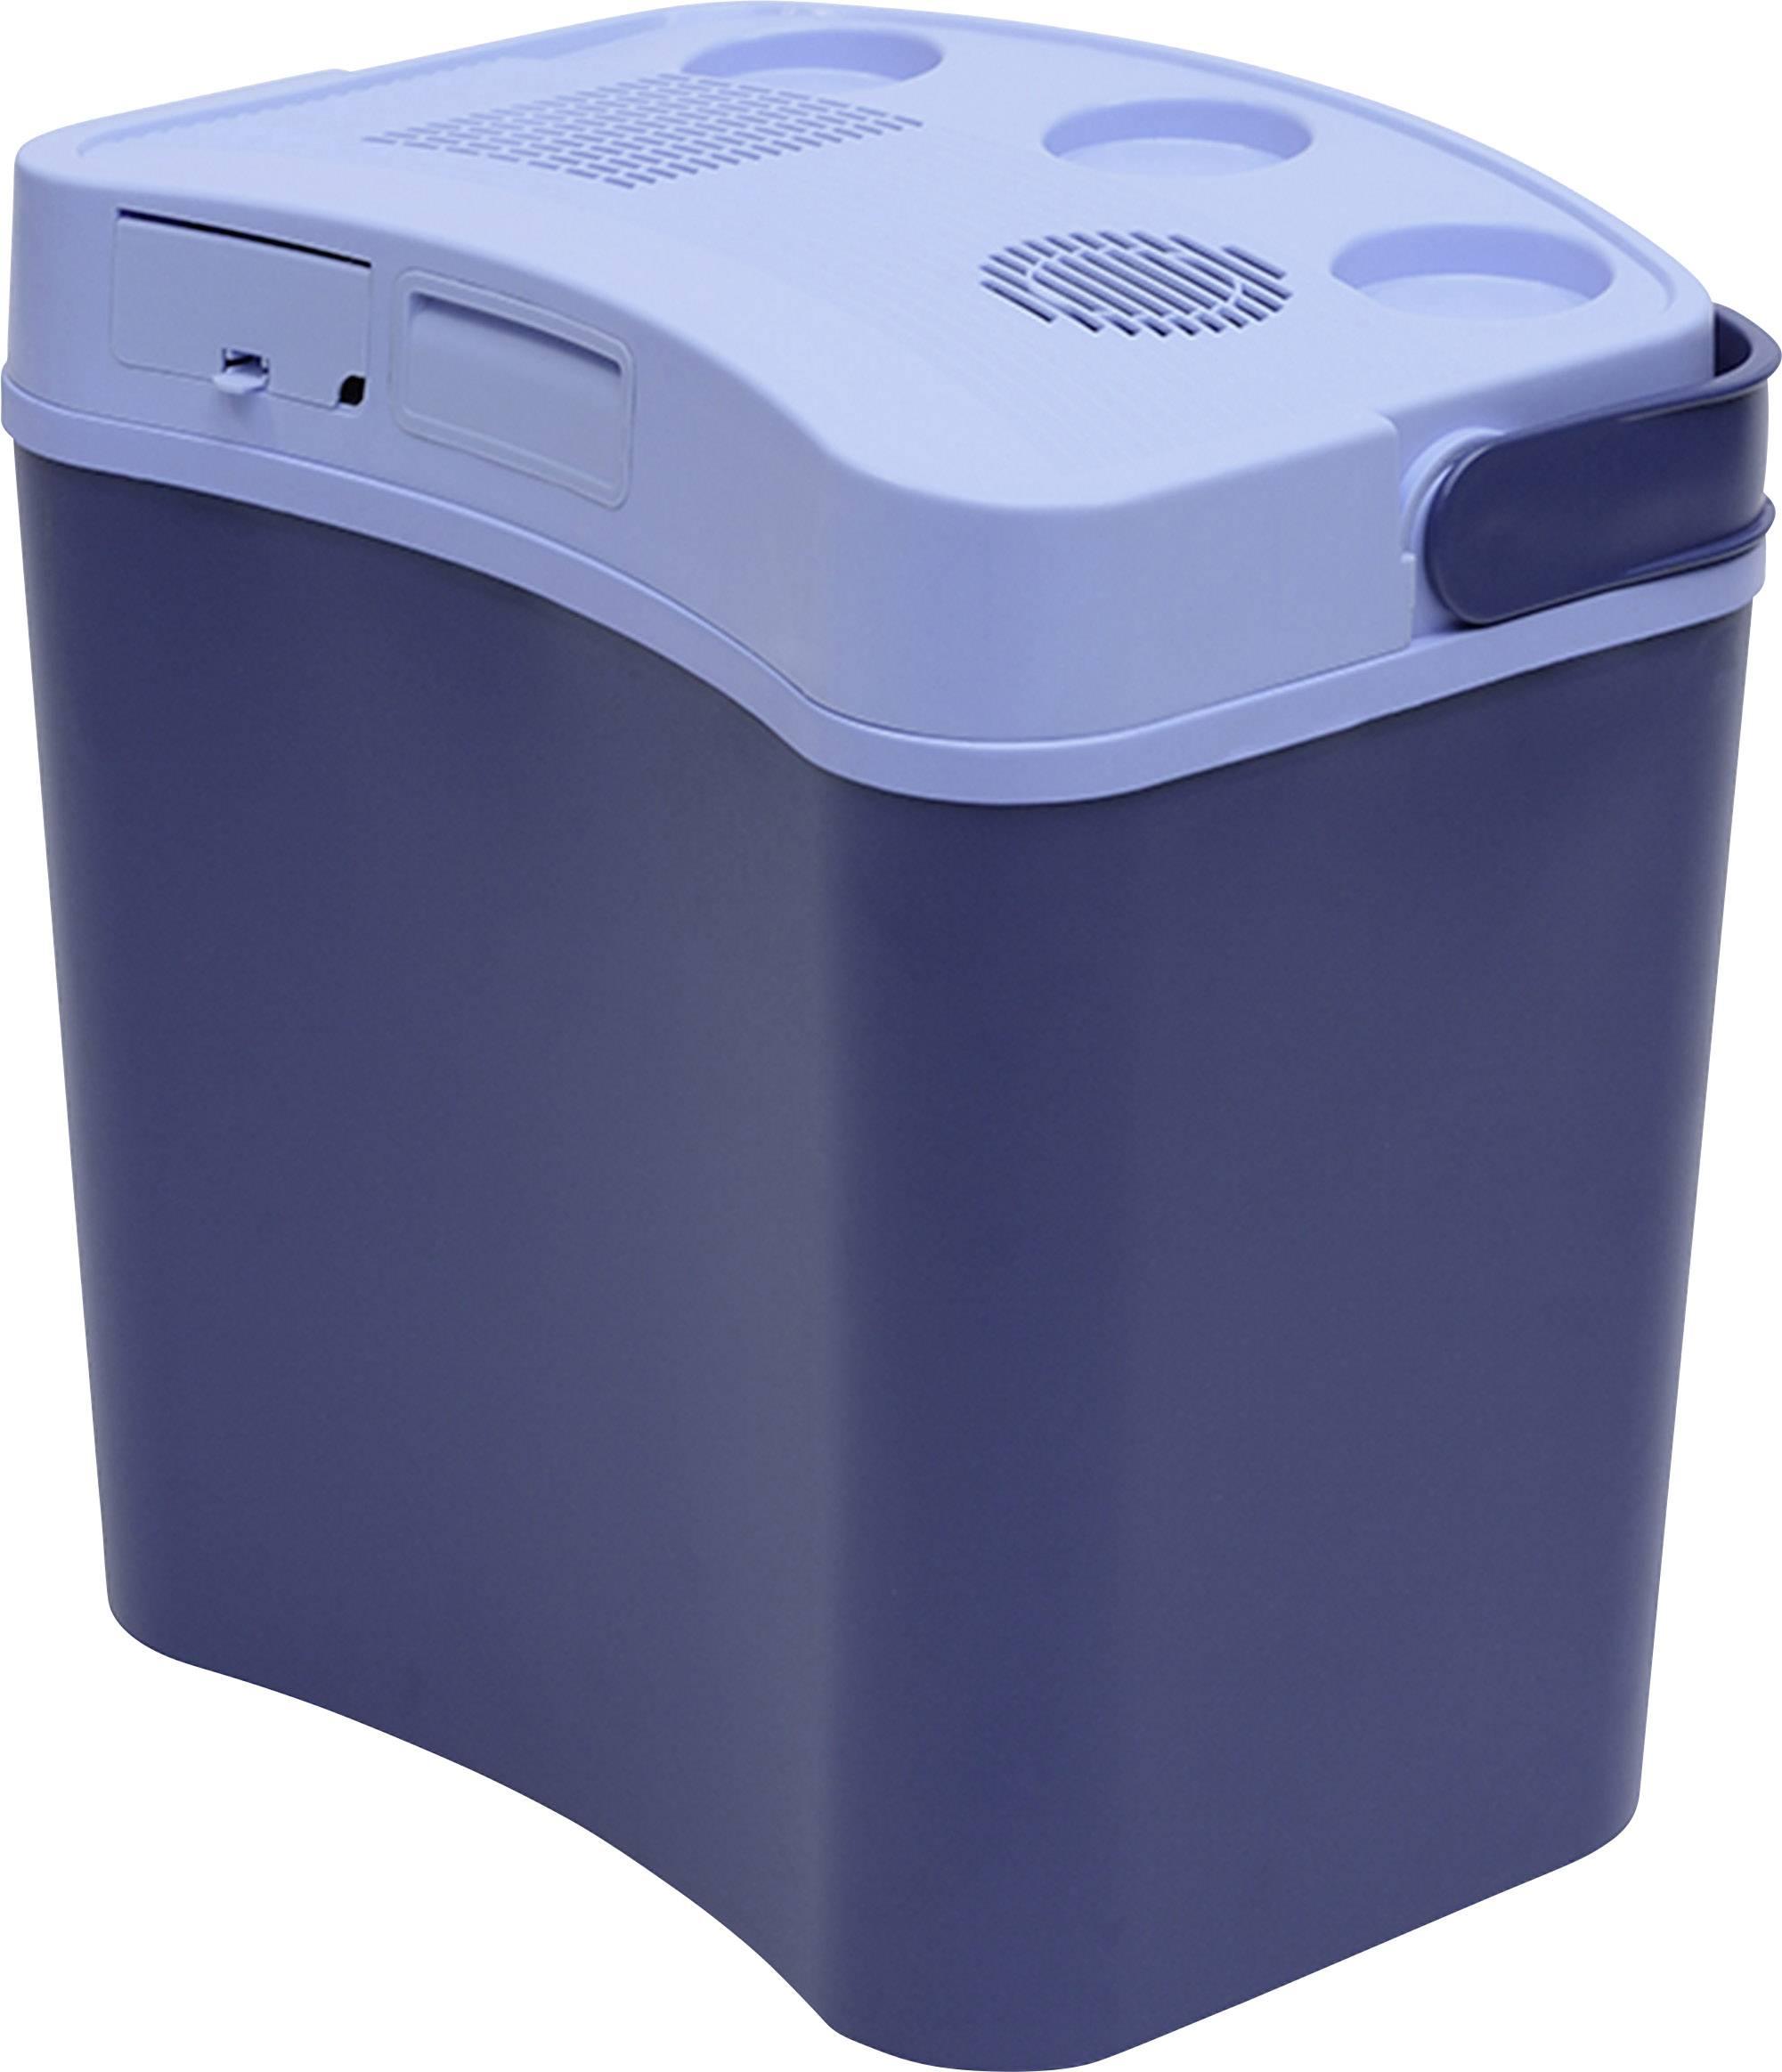 Přenosná lednice (autochladnička) Tristar KB-7230, 12 V, 30 l, modrá